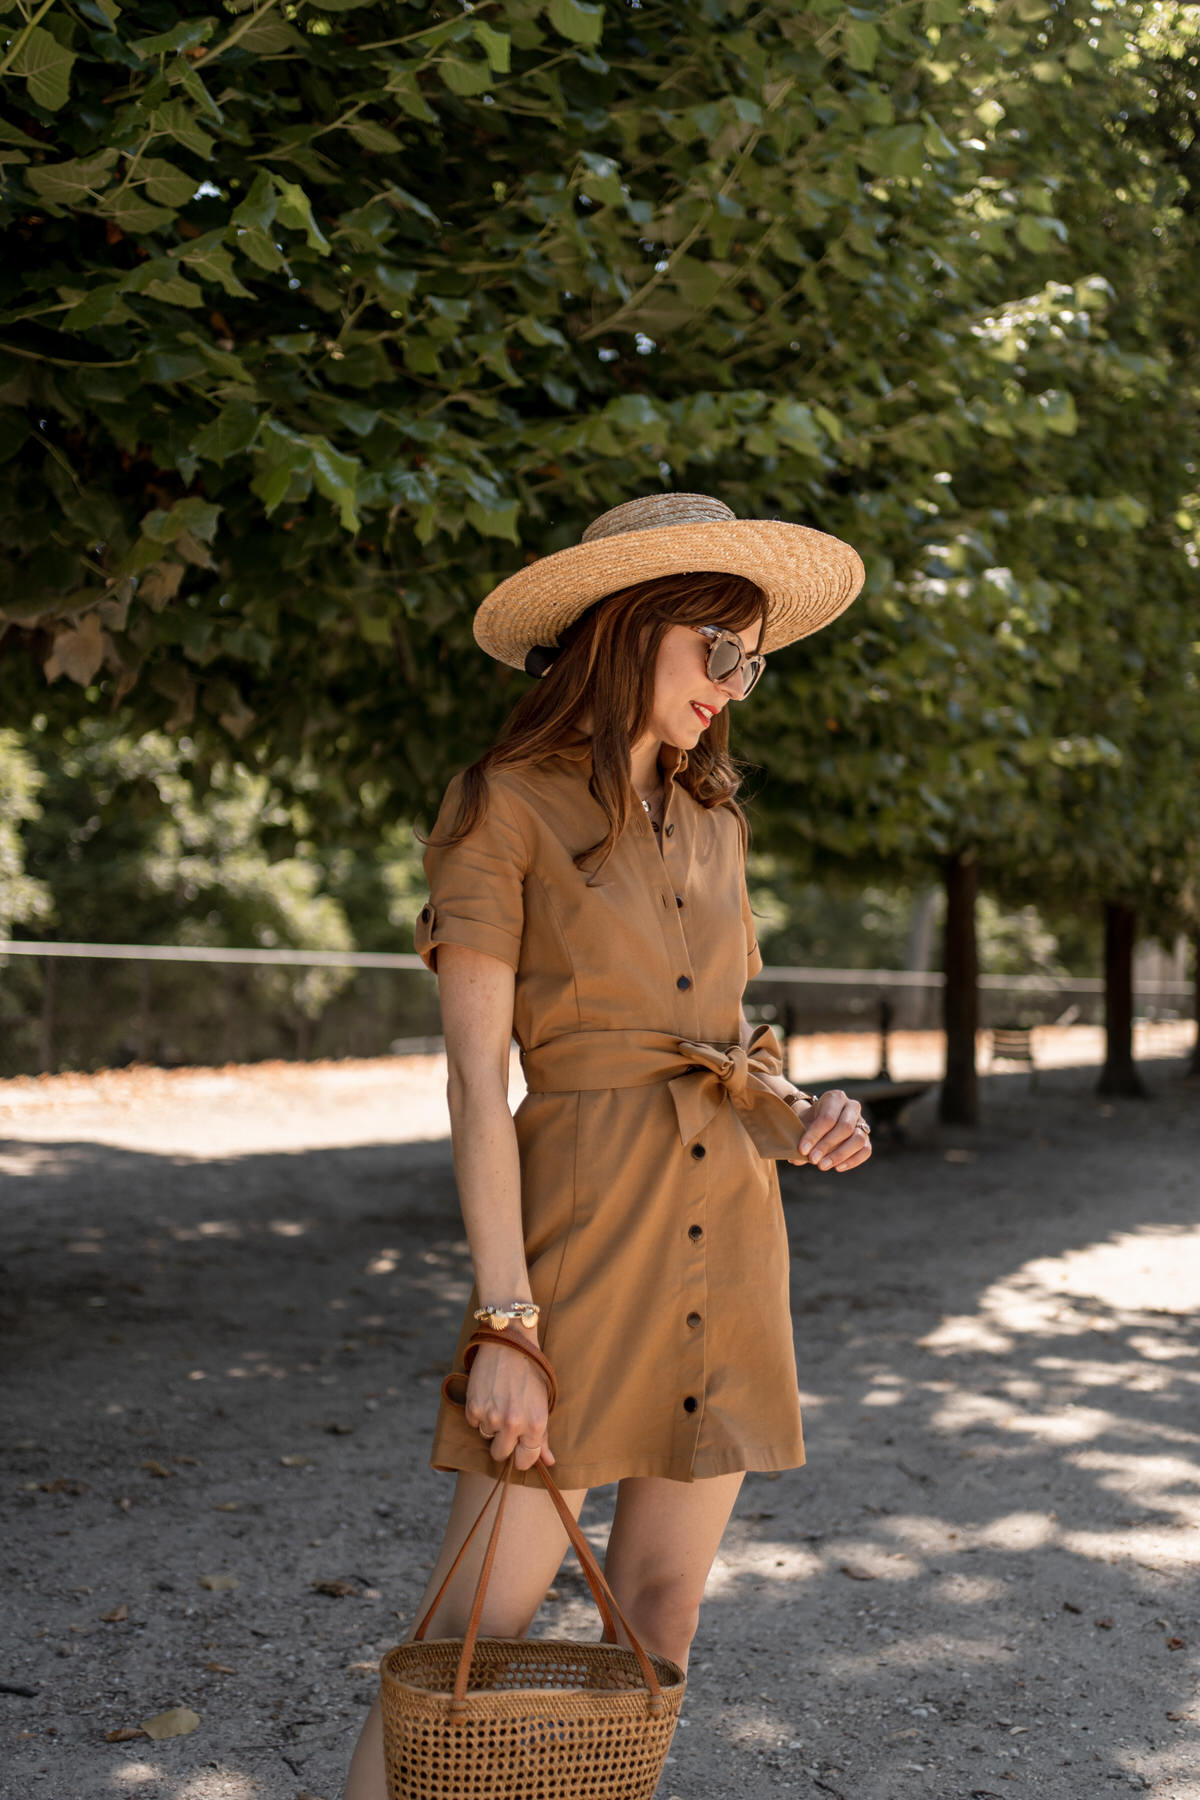 comment-porter-robe-chemise-9